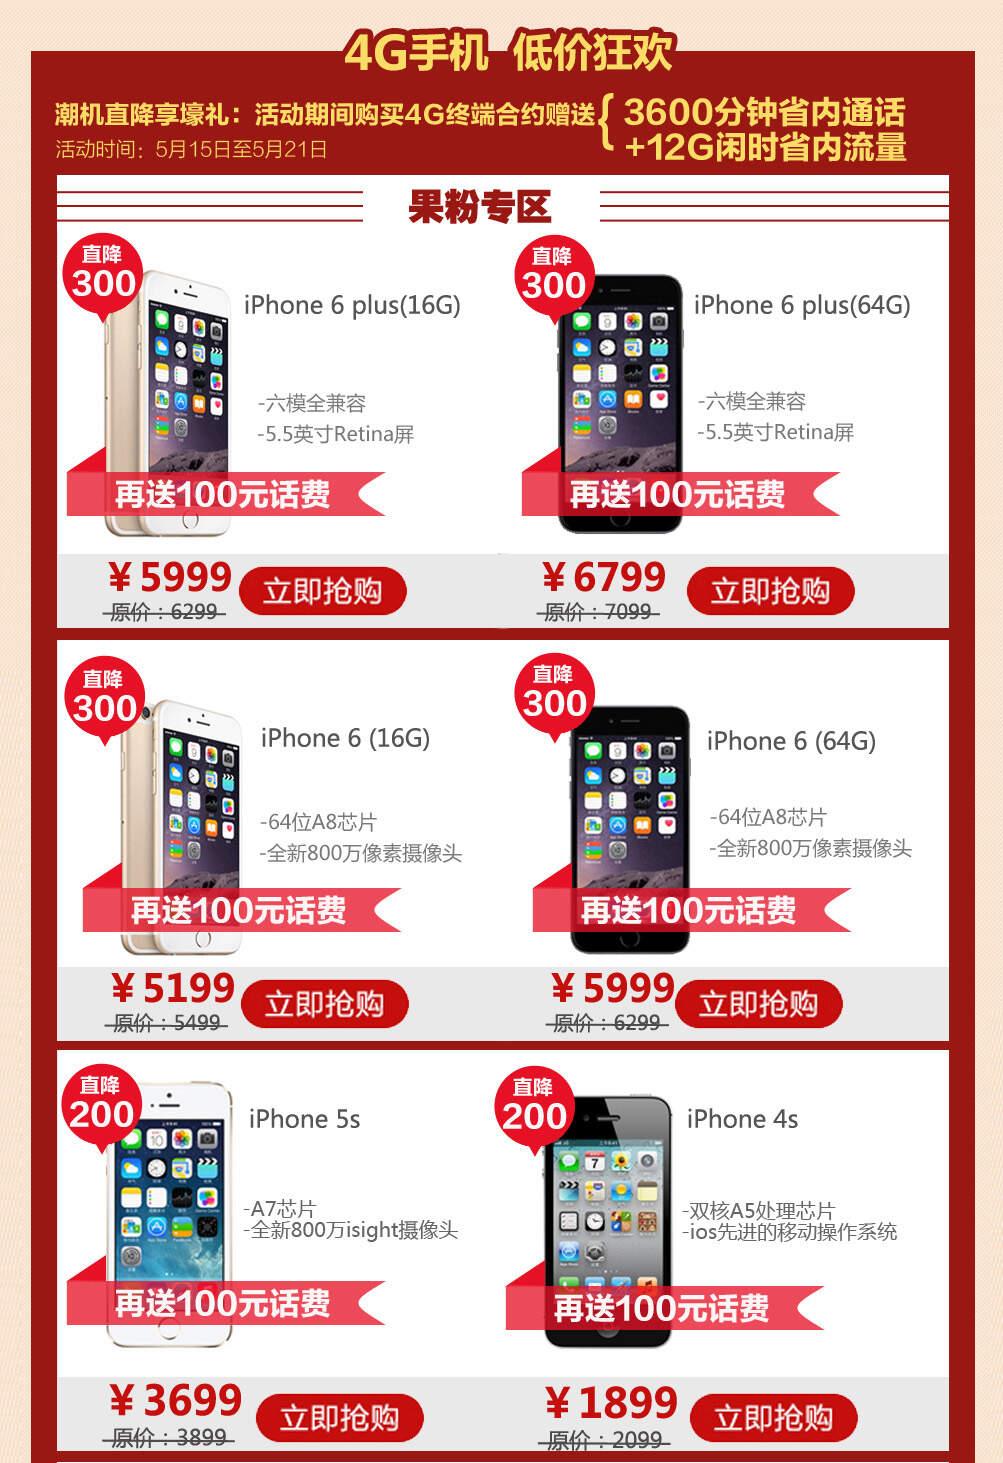 4G手机低价狂欢